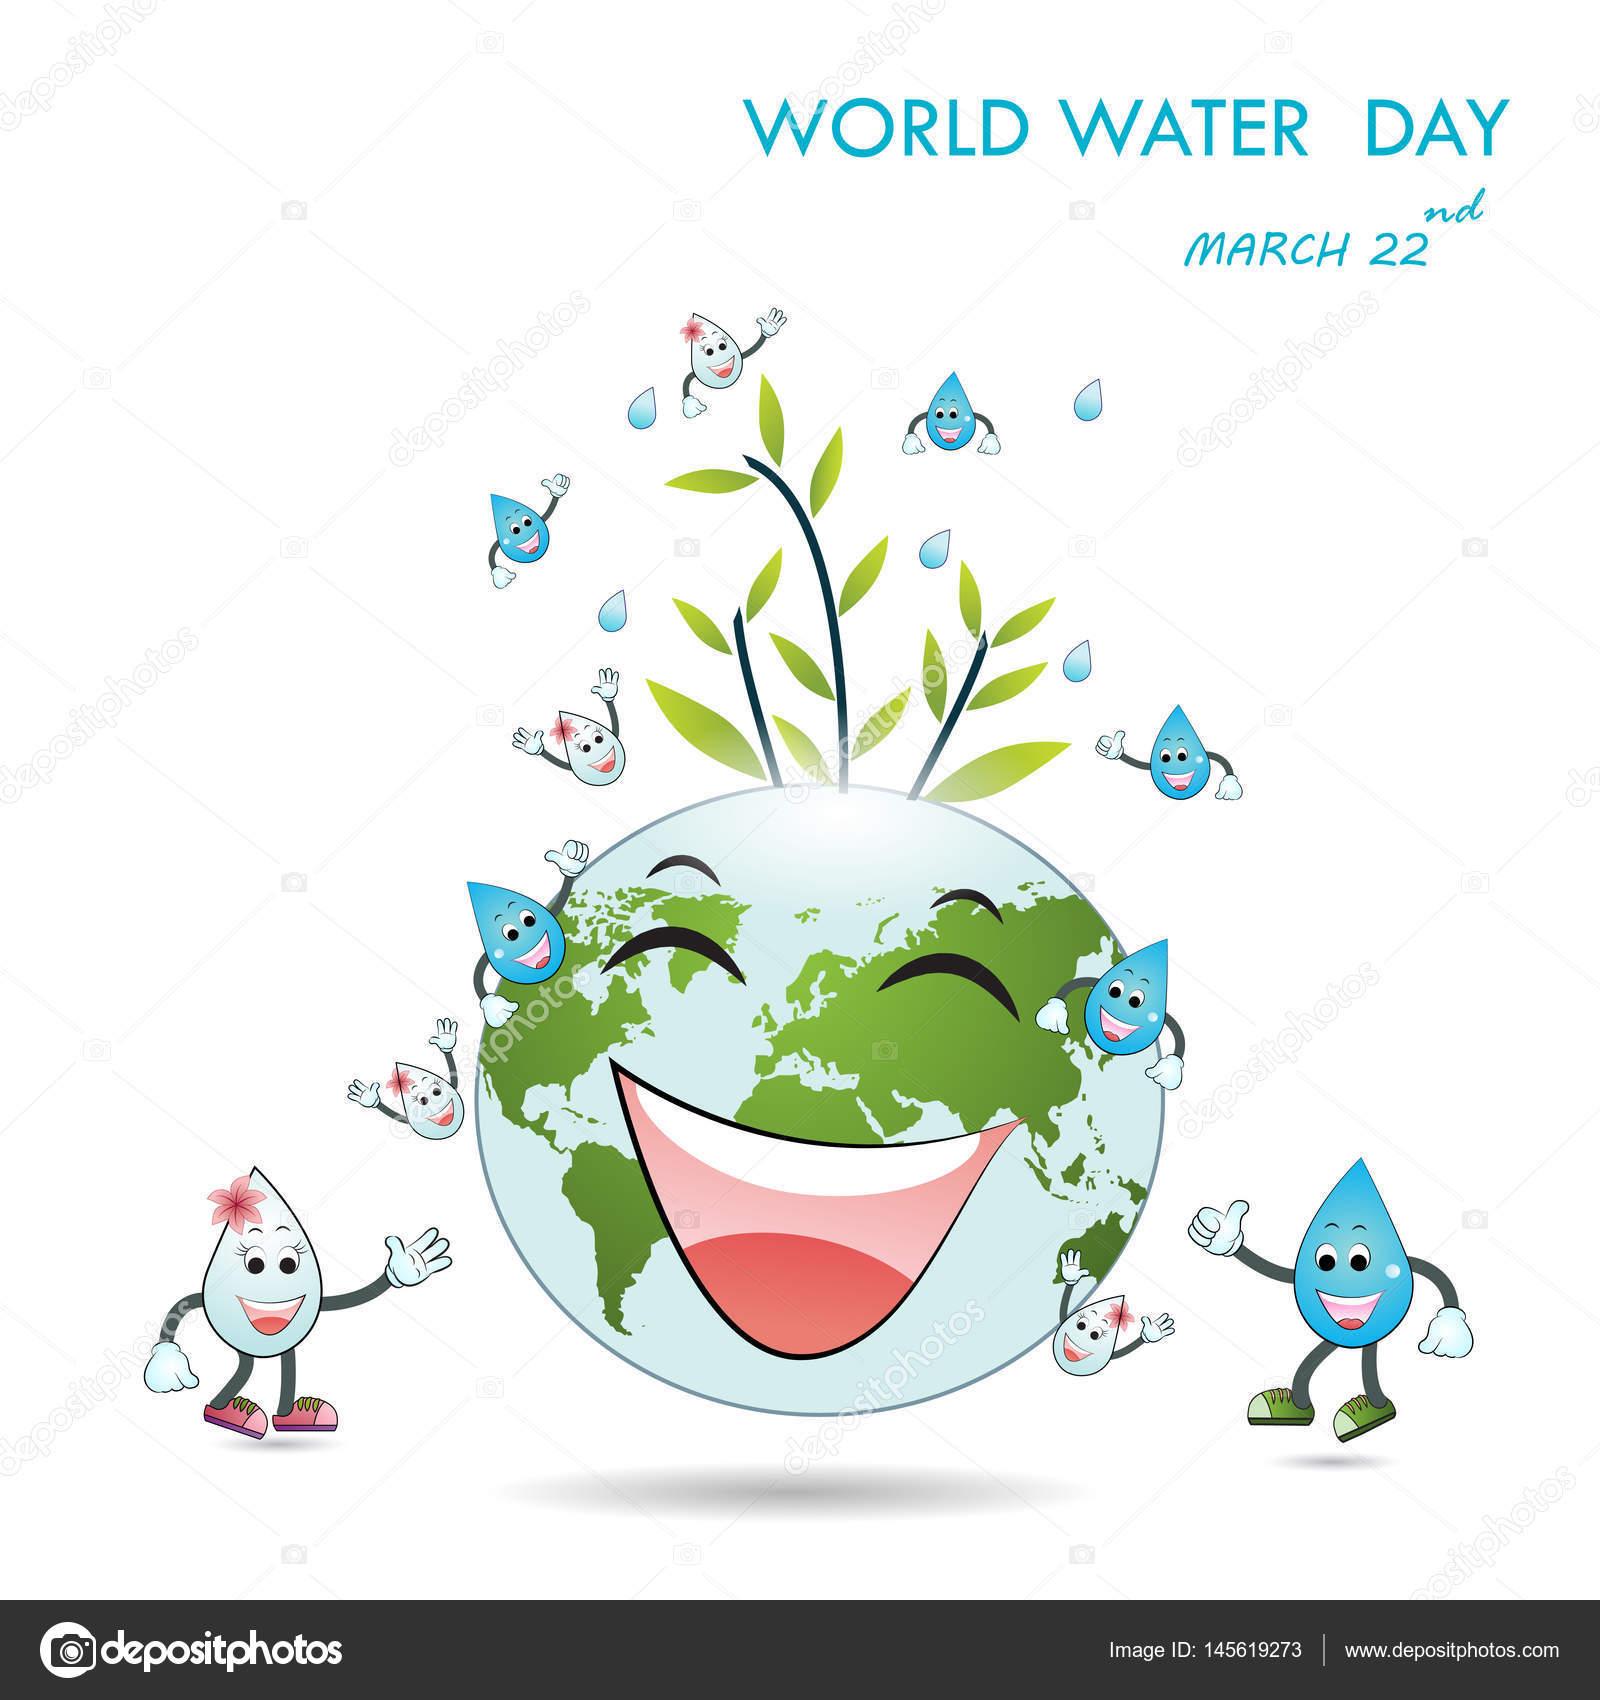 Diseño De La Historieta Ilustración De Mundo Agua Día Mascota De